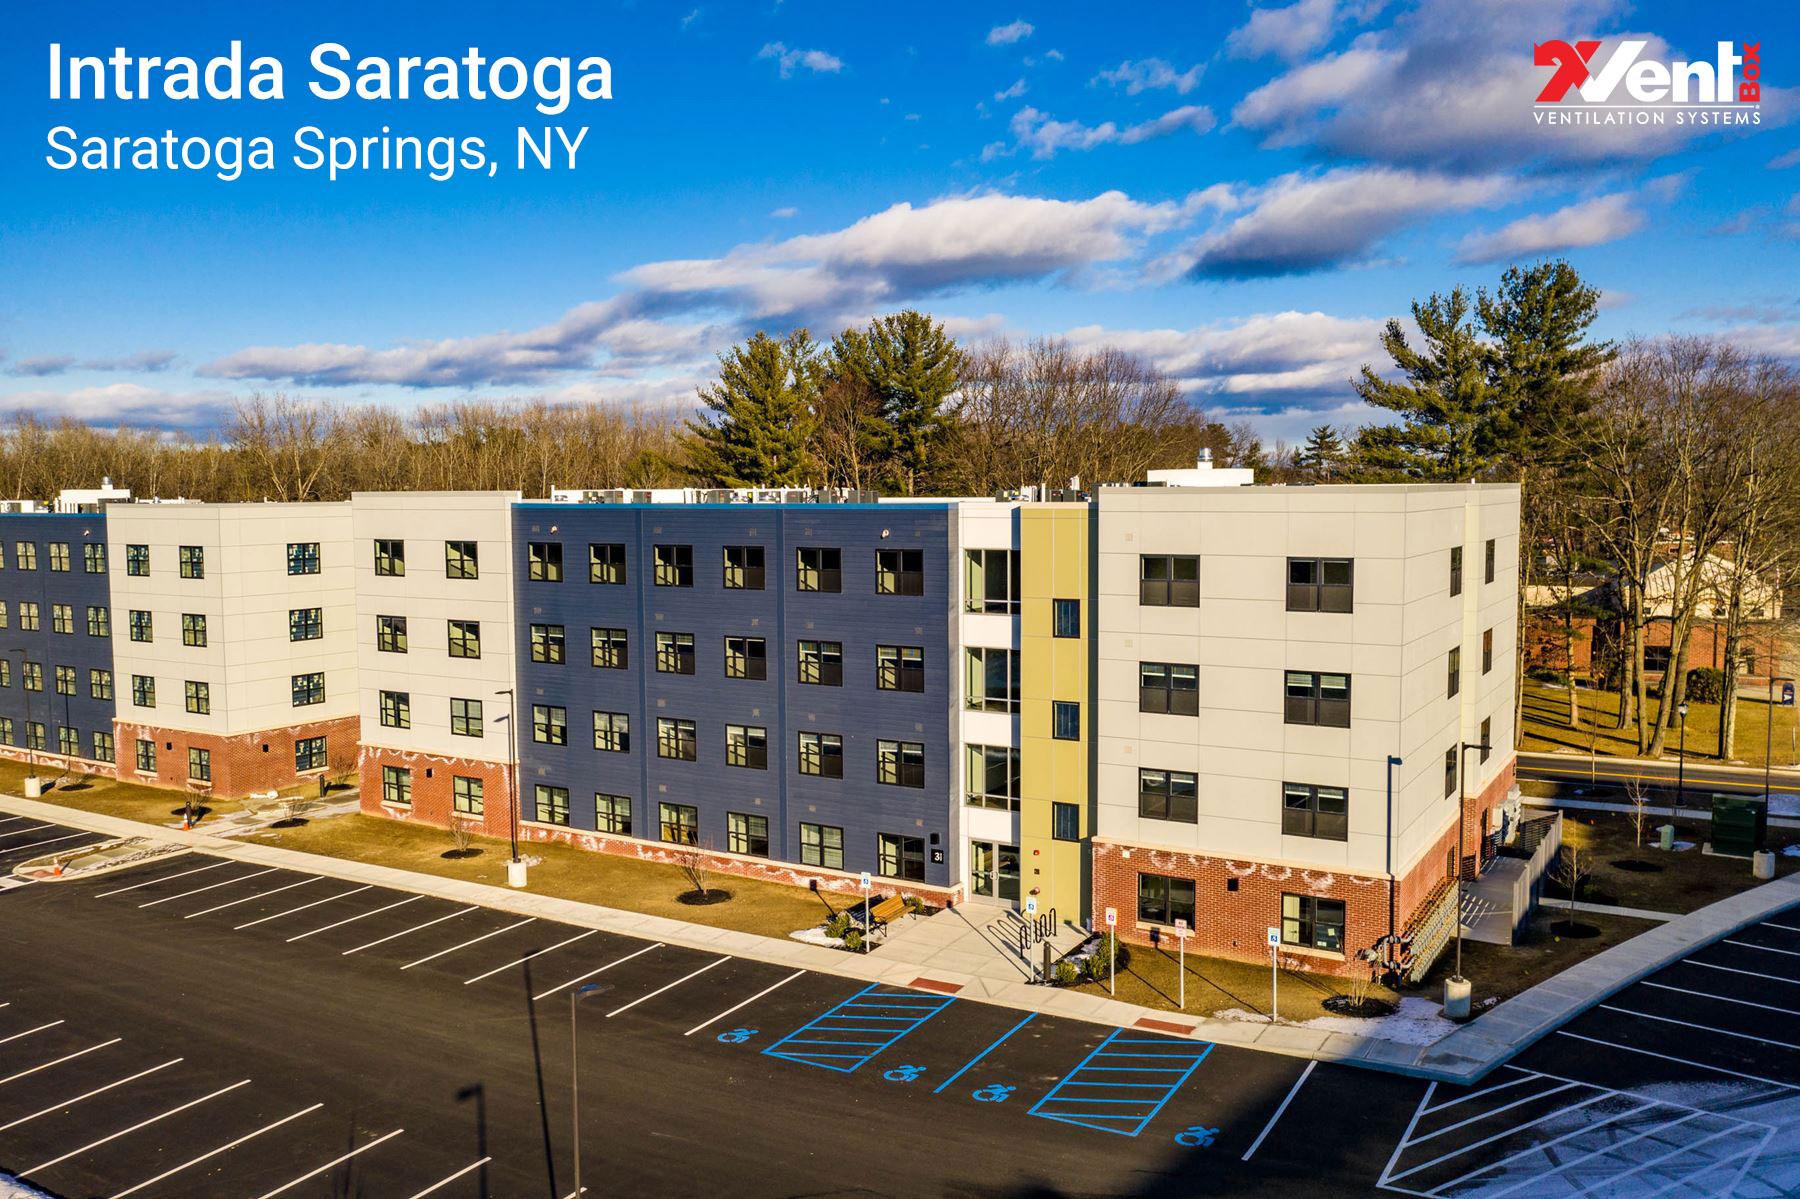 Intrada Saratoga